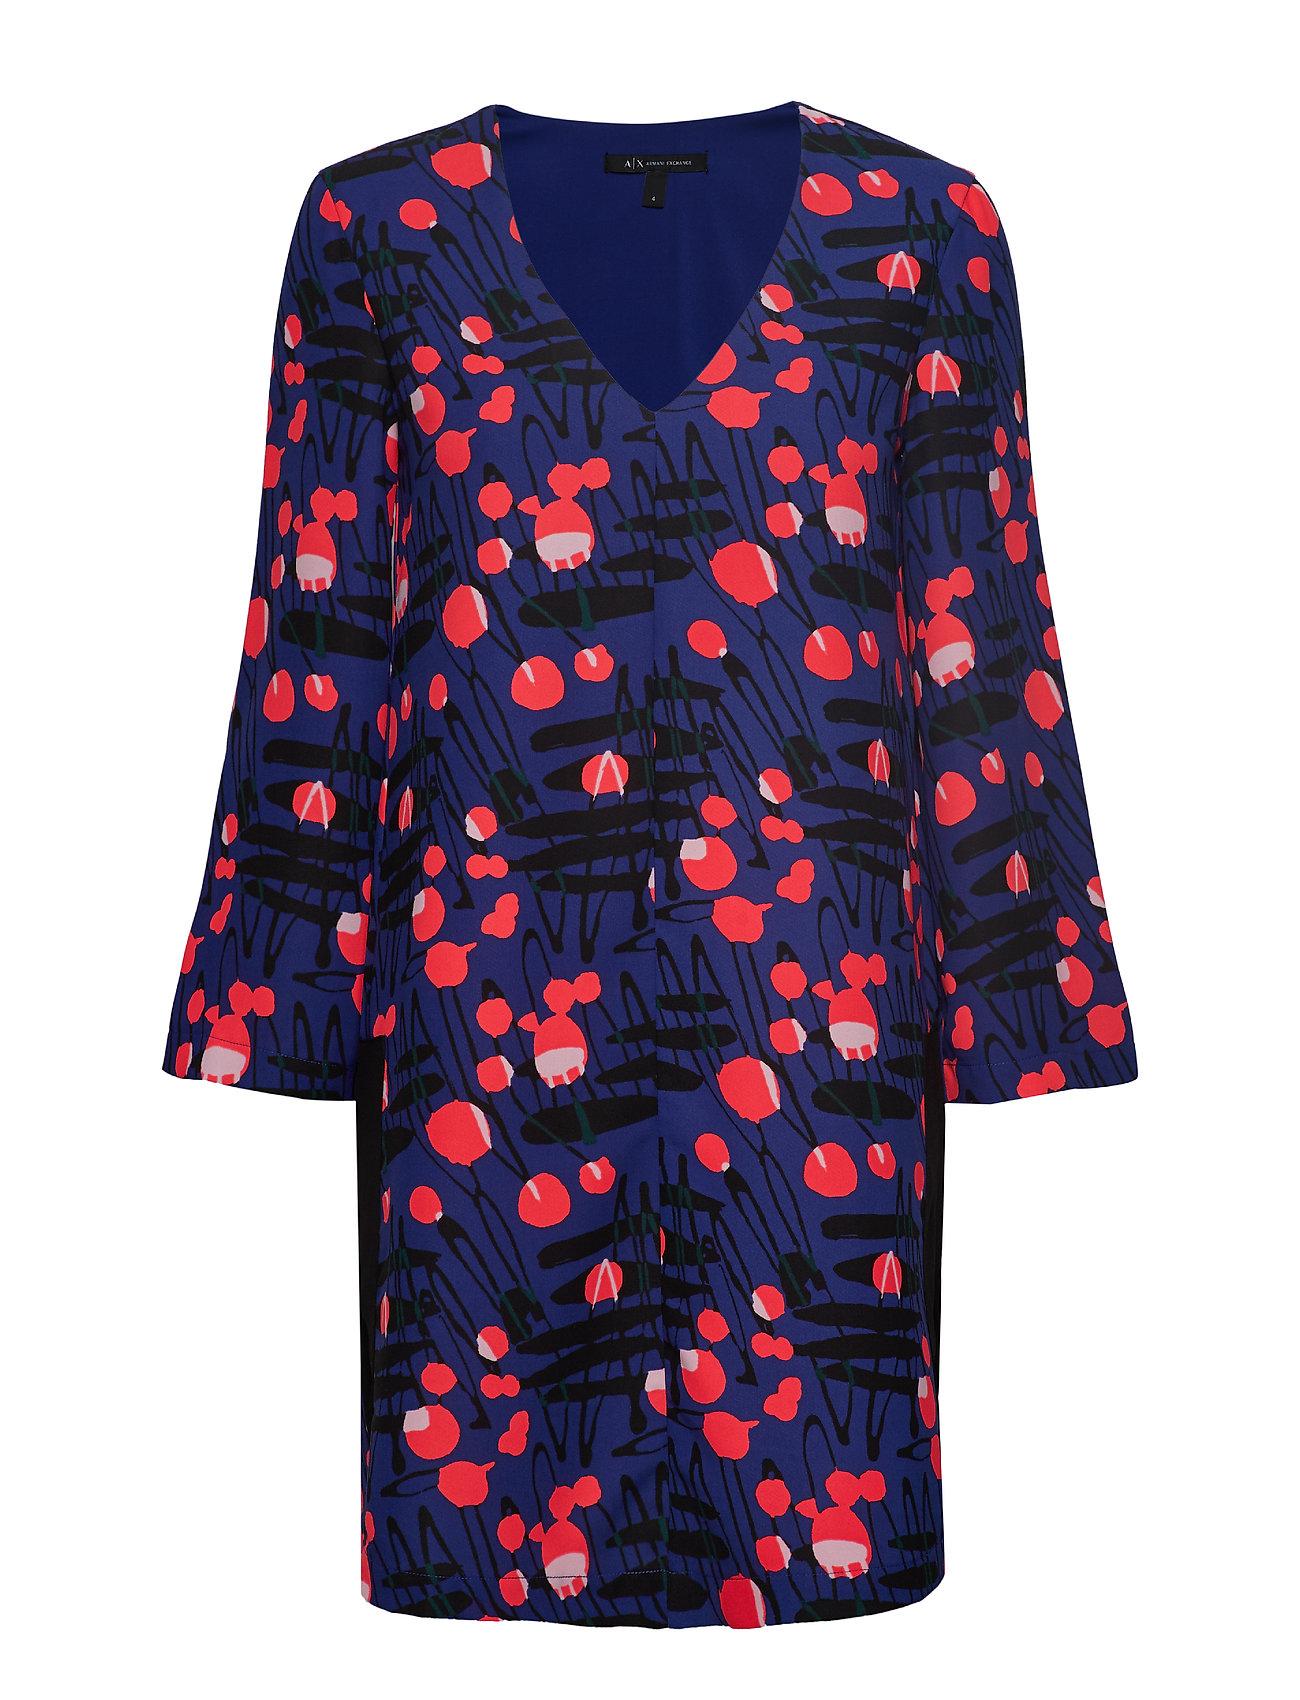 Armani Exchange WOMAN WOVEN DRESS - BERLINALE TRUE BLUE